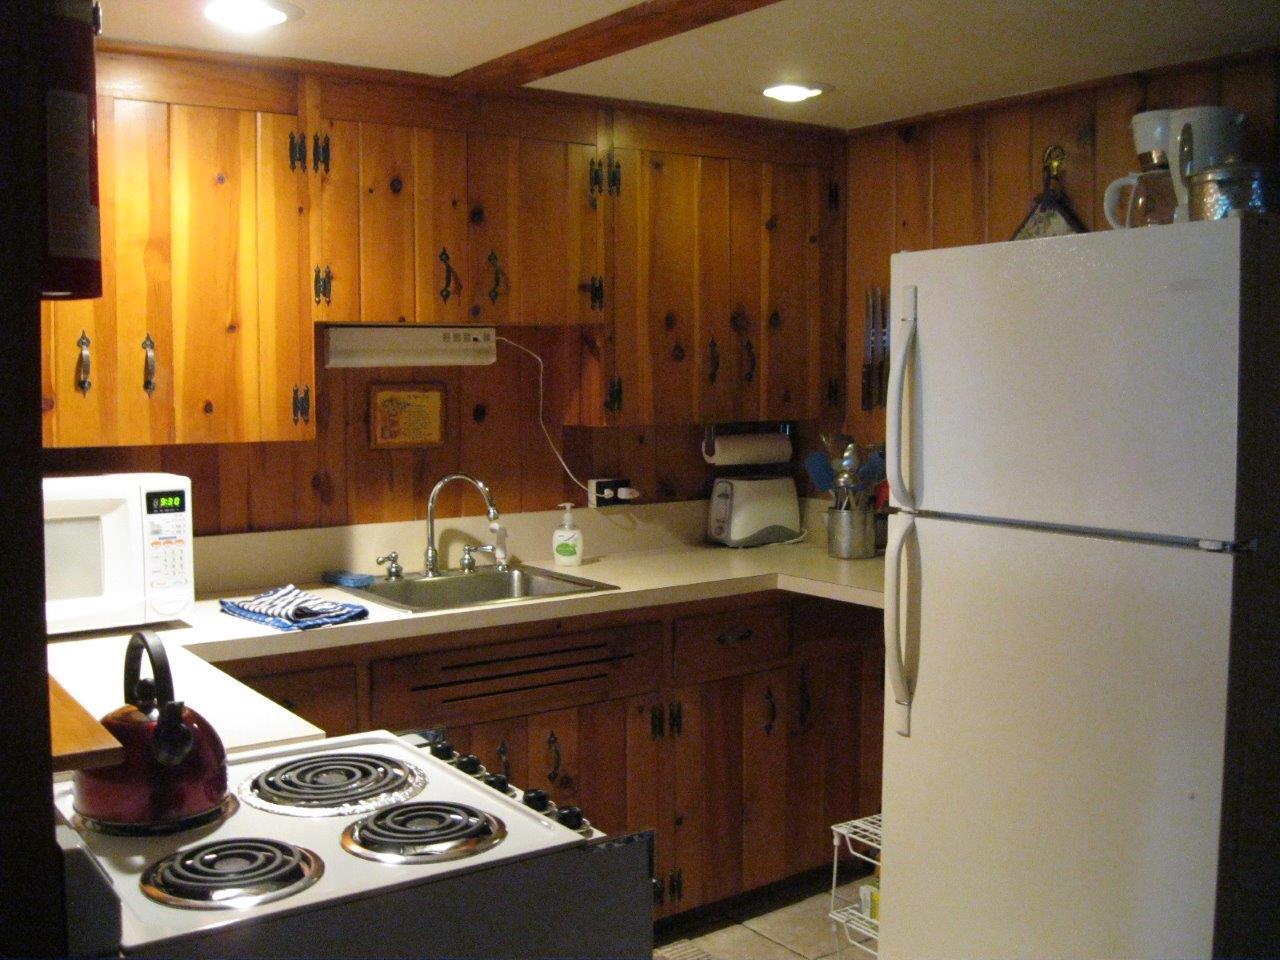 6 Cherokee kitchen